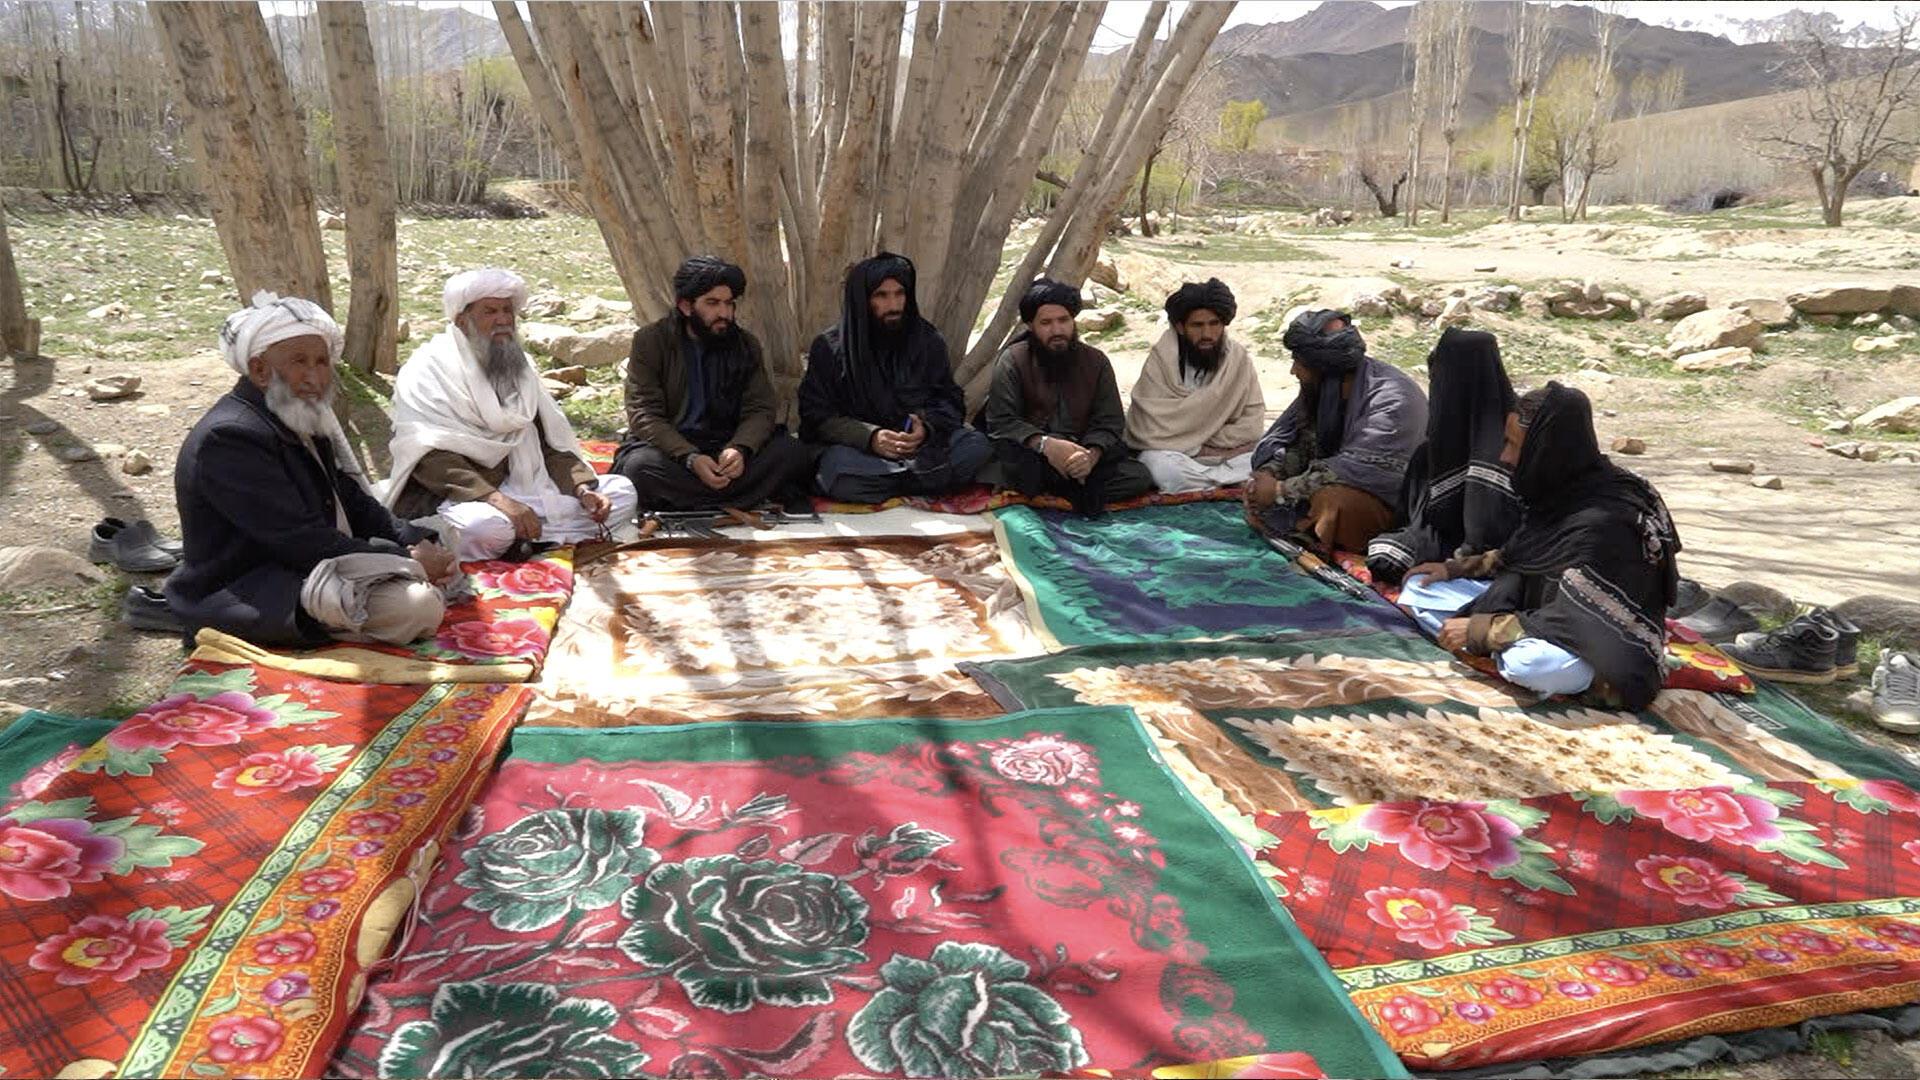 102855-000-A Afganistan